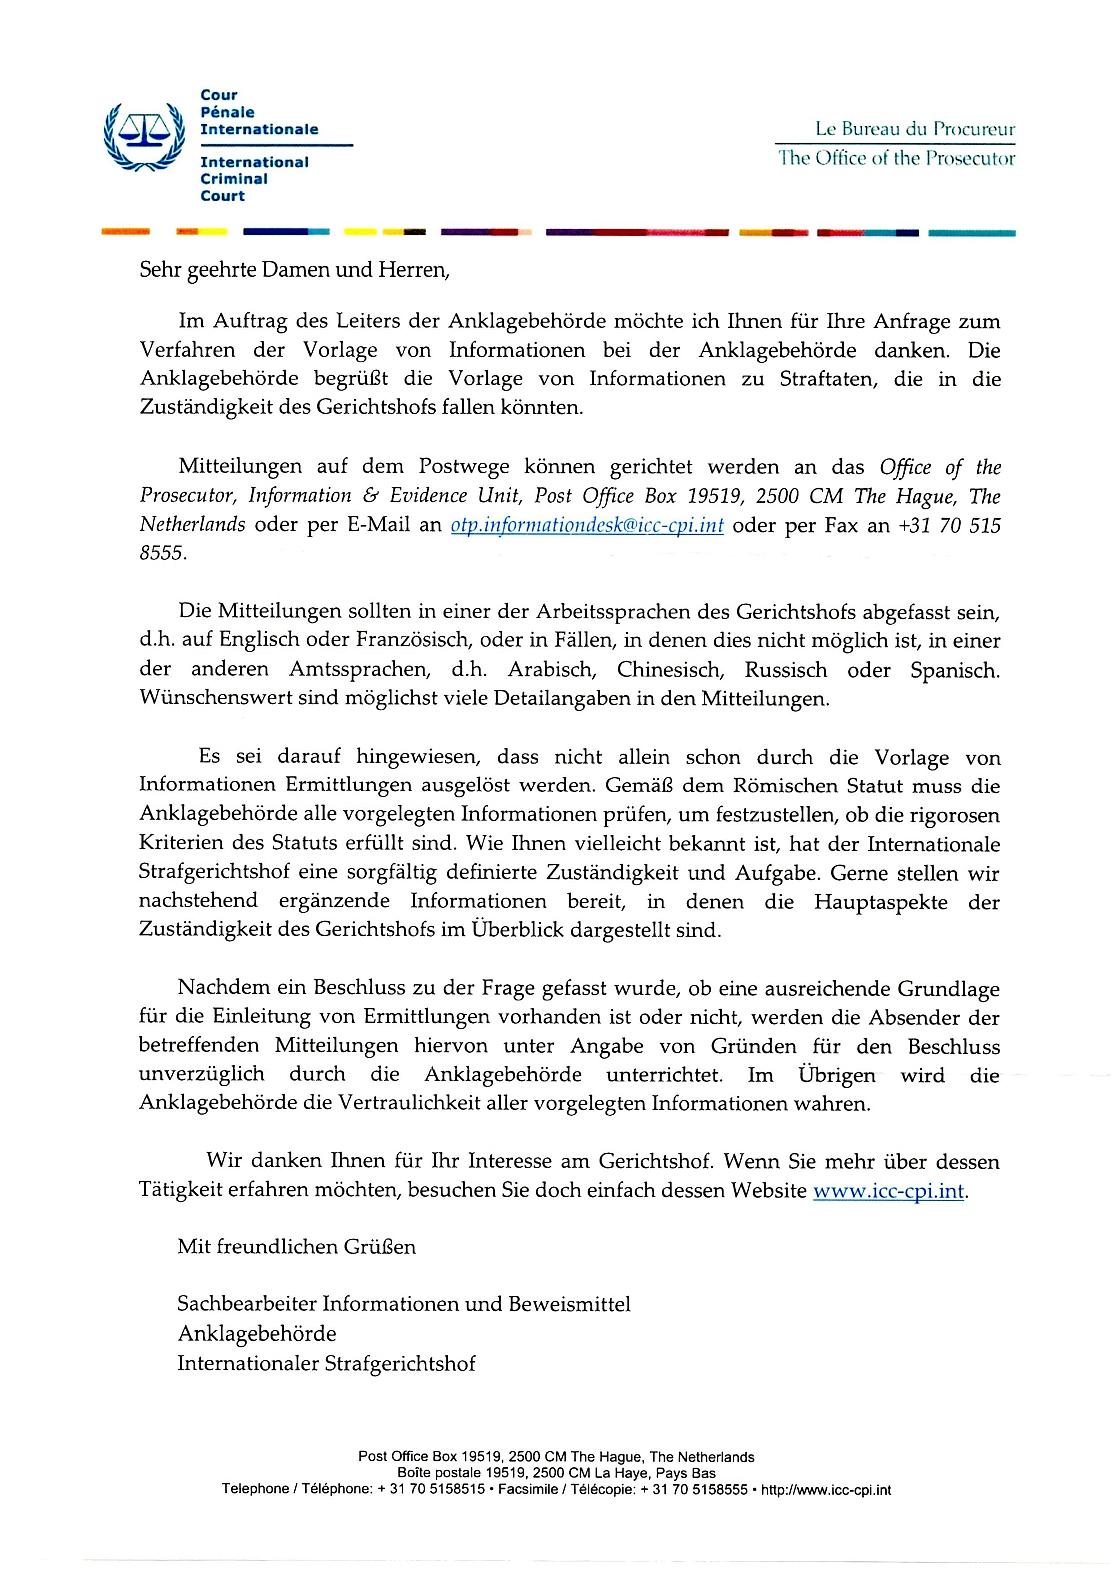 Wissenswertes über den internationalen Strafgerichtshof in Den Haag ...